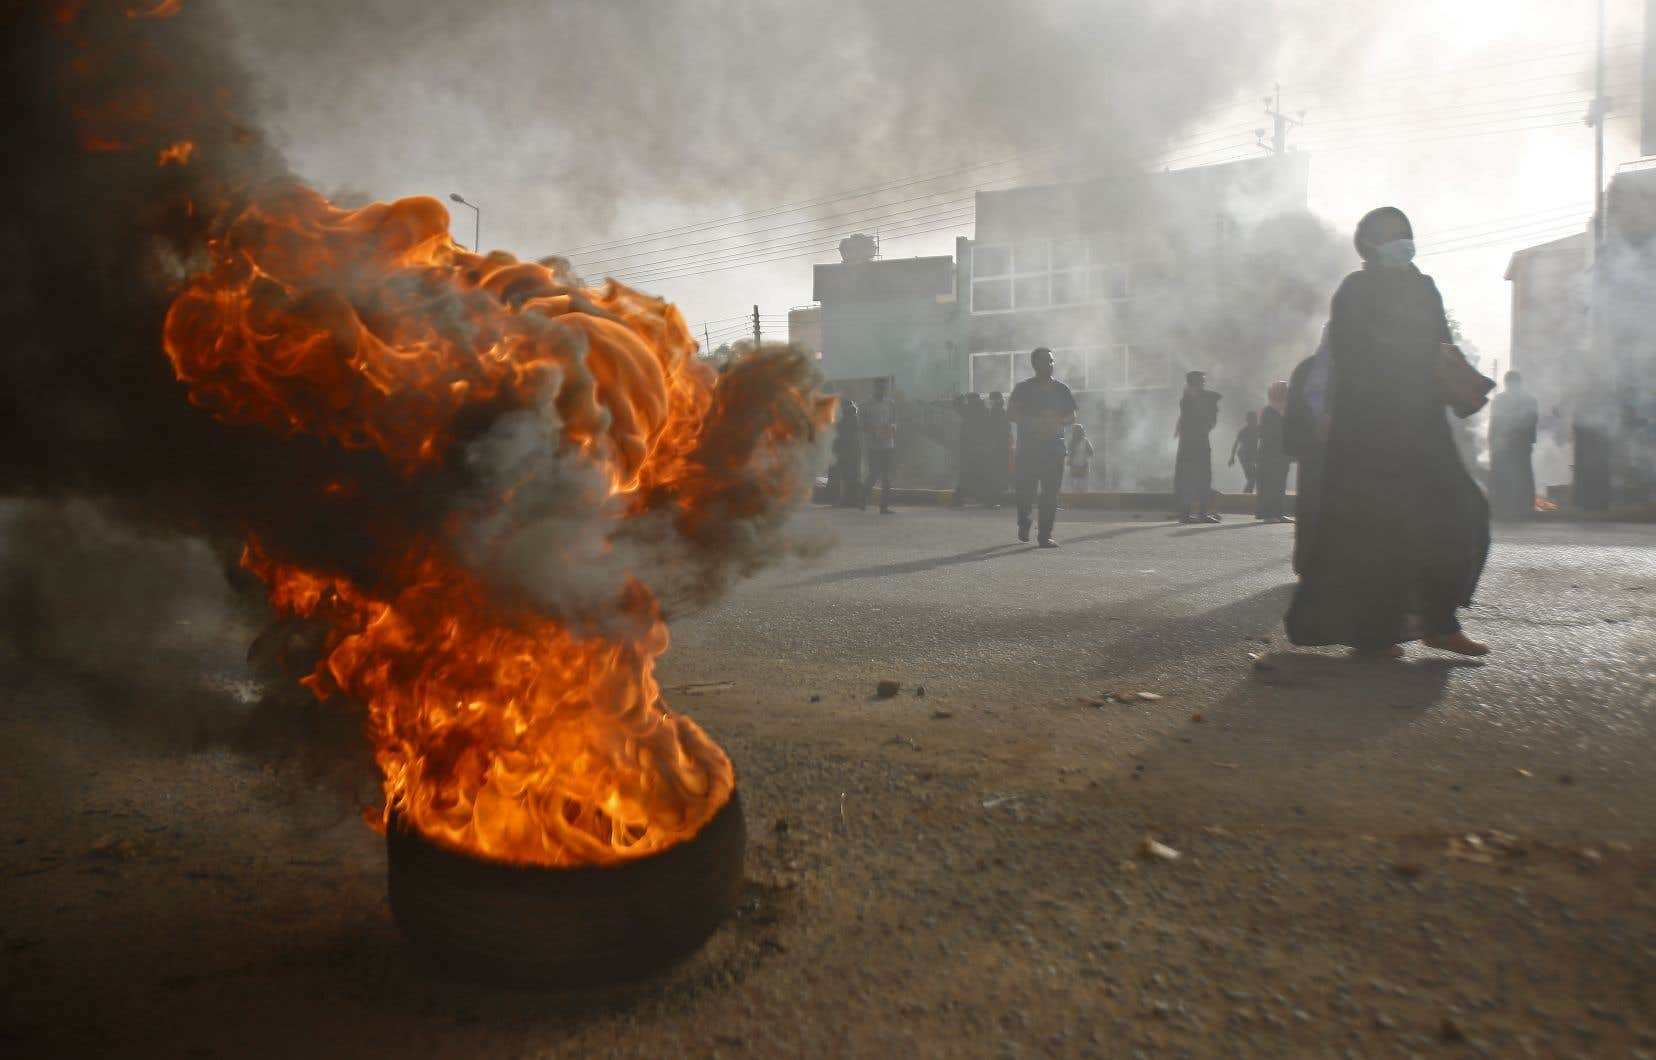 Lundi, des manifestants ont fait brûler des pneus pour barricader une rue de Khartoum, pendant que l'armée évacuait le «sit-in» installé devant son siège depuis le 6avril.